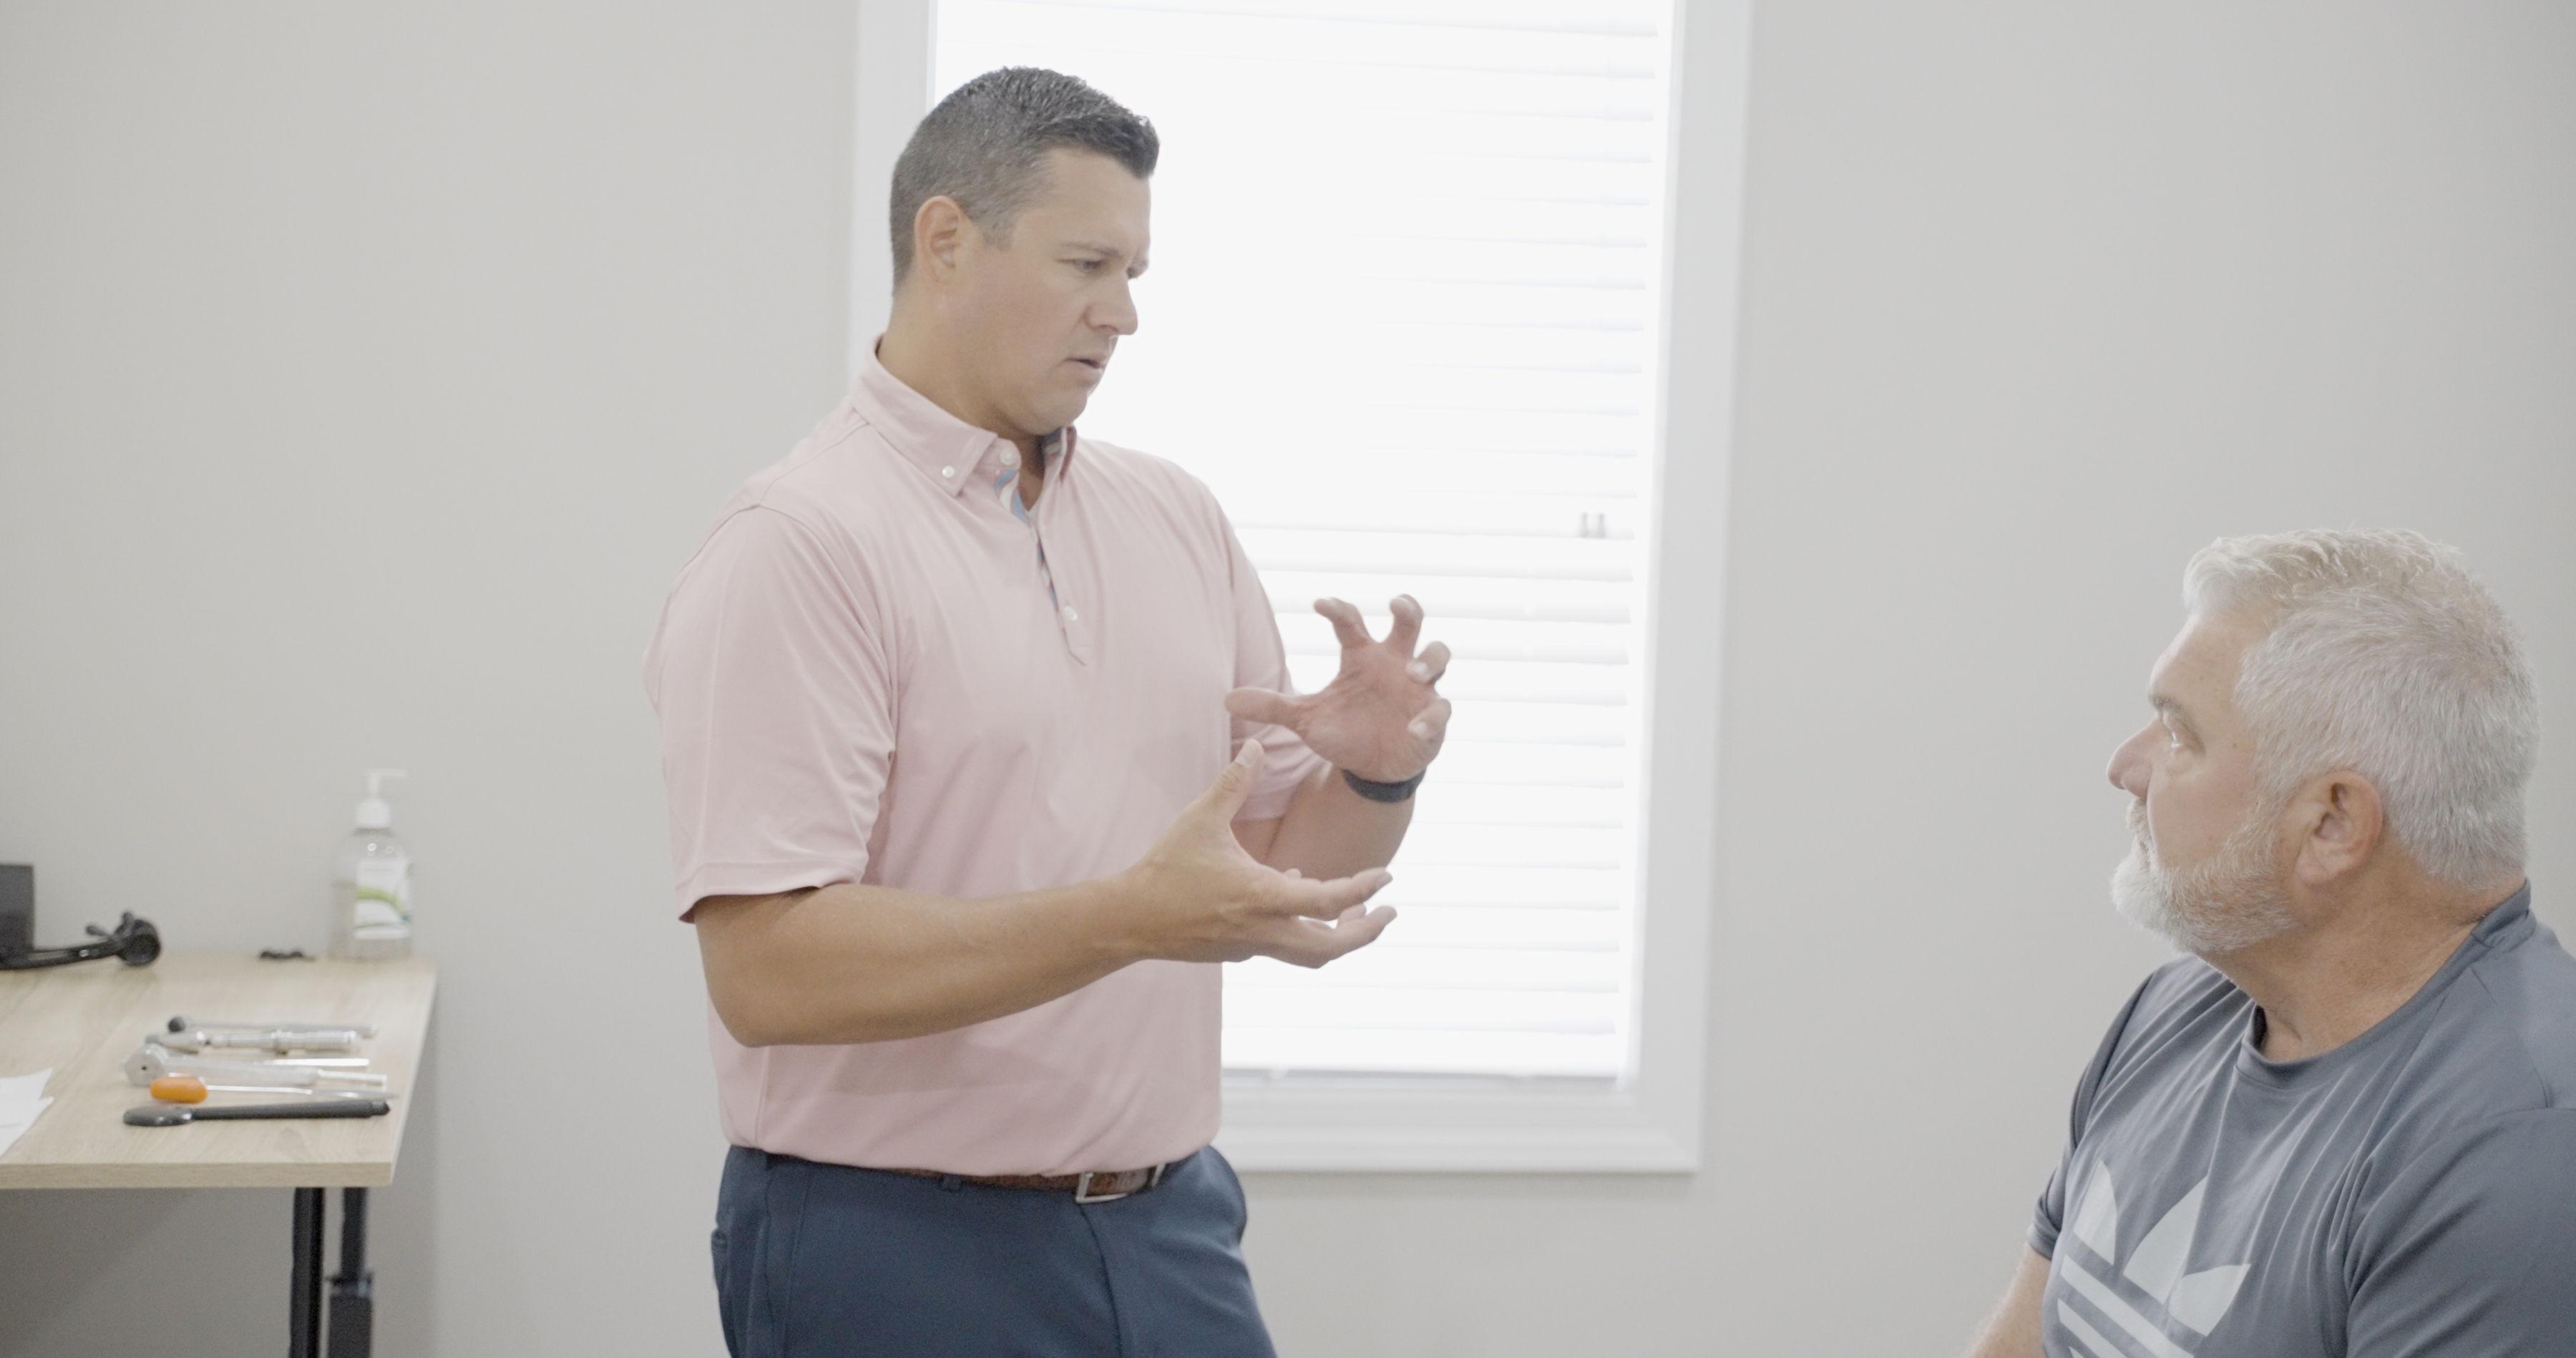 Dr. Paul explaining to the patient